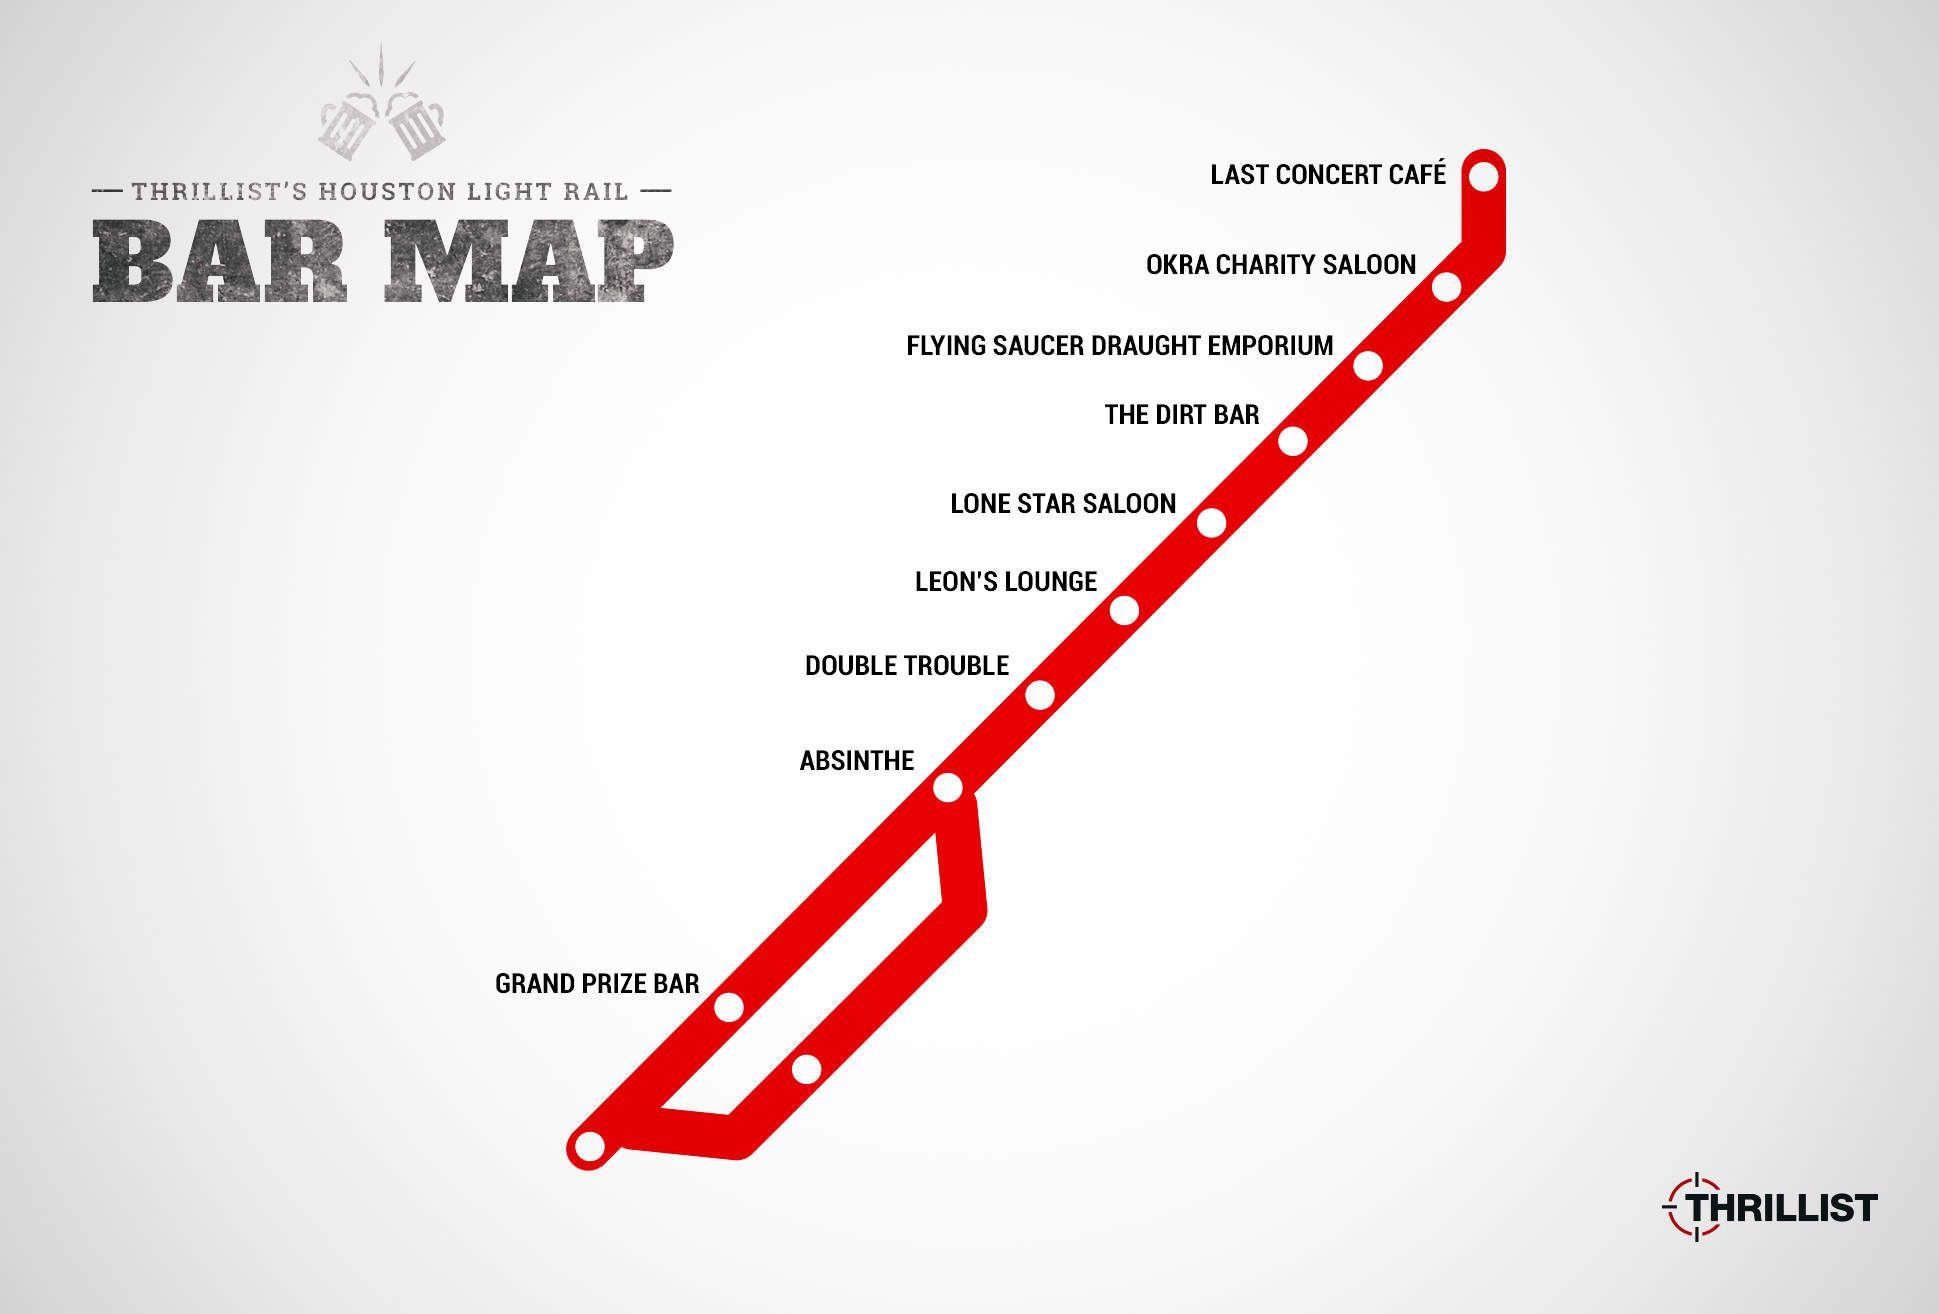 Houston's firstever light rail bar map Houston lights